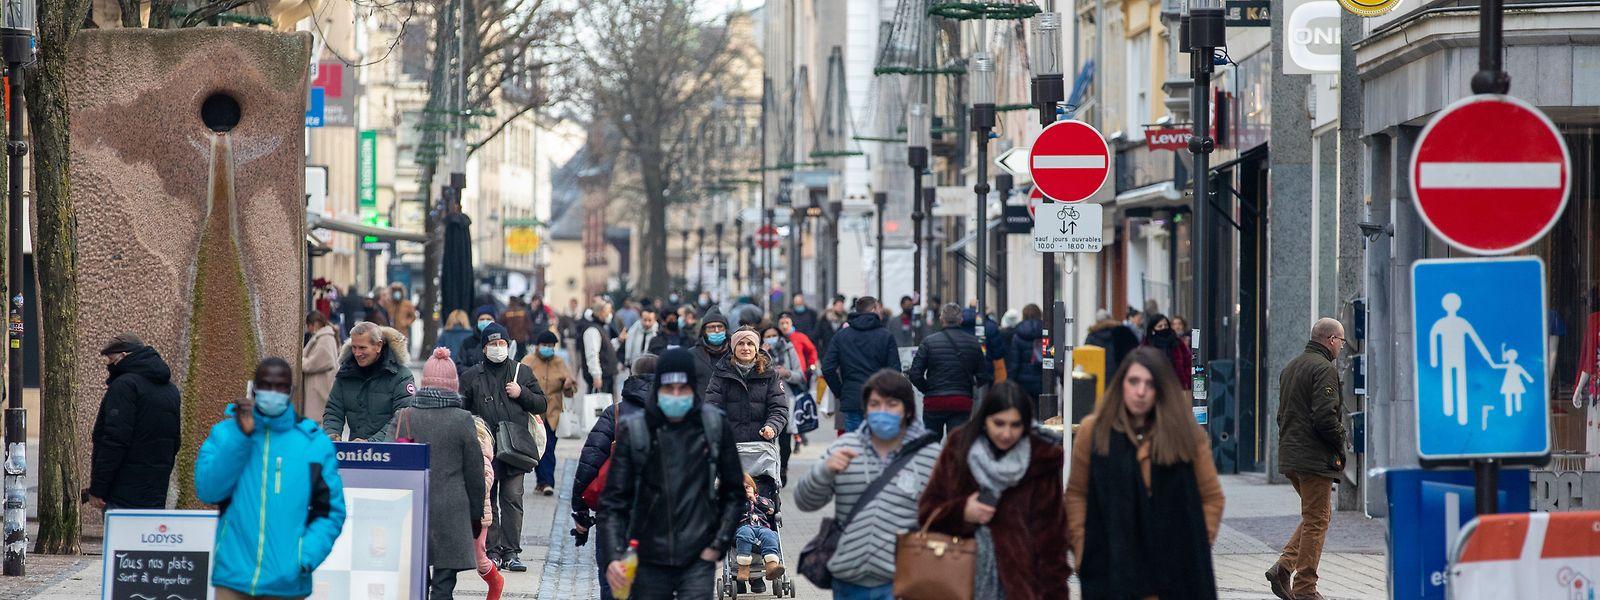 Wie viele Menschen aktuell tatsächlich in Luxemburg leben, ist nicht bekannt. Abhilfe soll nach dem Willen des CSV-Abgeordneten Jean-Paul Schaaf ein Wohnungsregister schaffen.